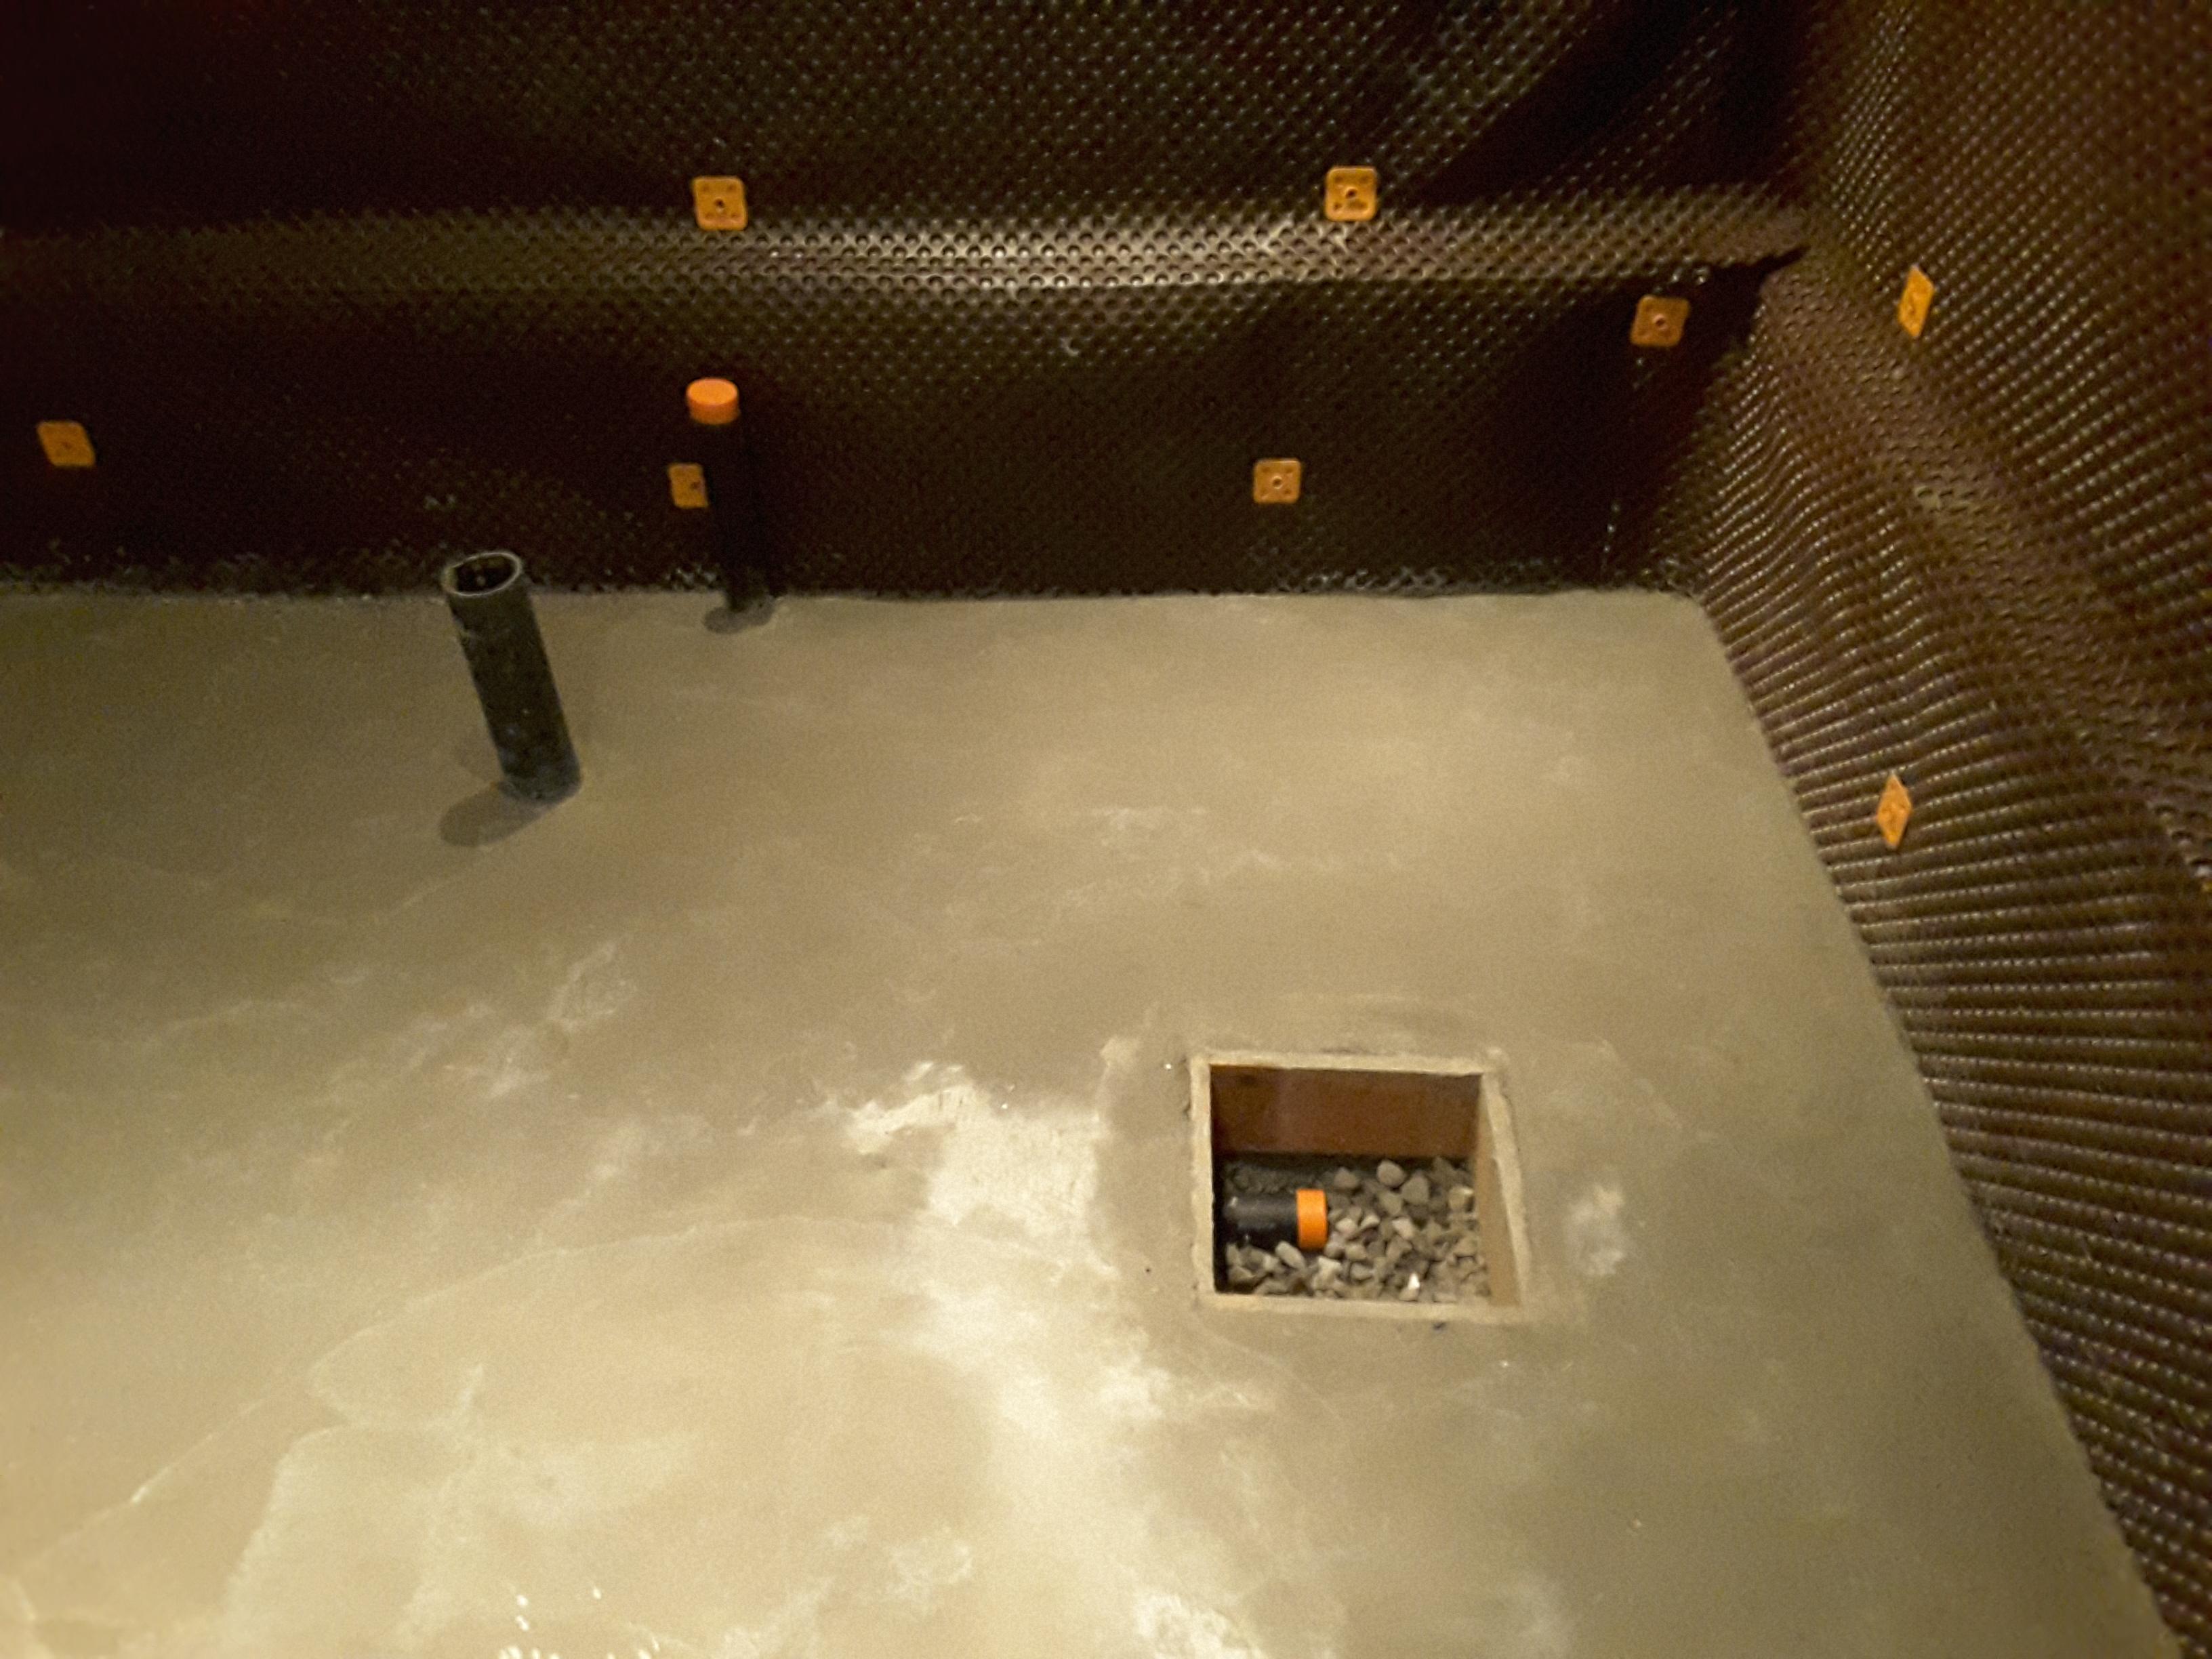 basement lowering - drain